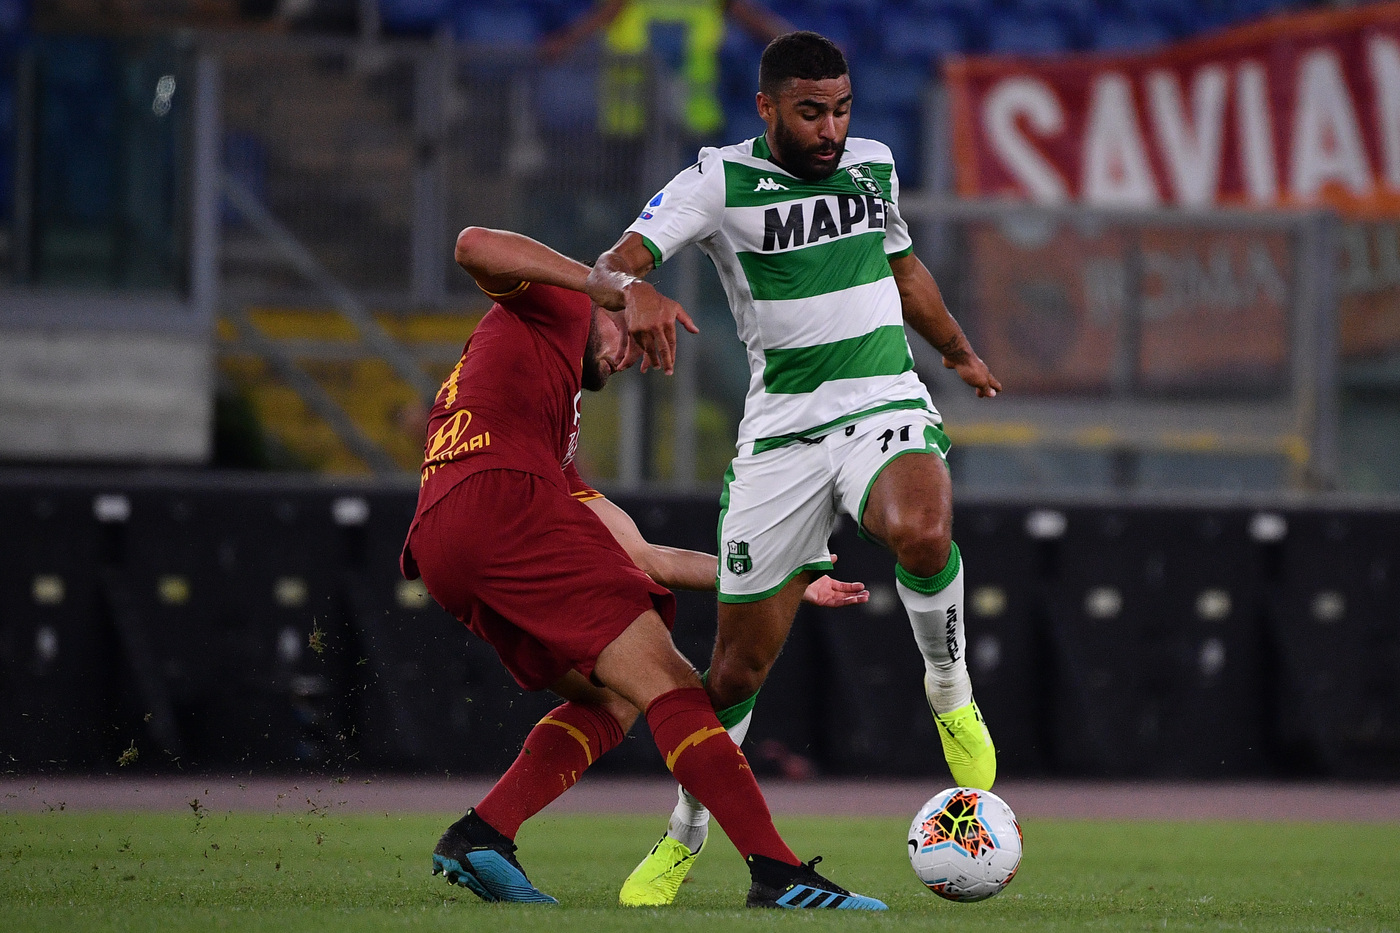 """Sassuolo, Defrel: """"Il gioco di De Zerbi mi ha convinto a scegliere di vestire la maglia neroverde"""" - LAROMA24"""